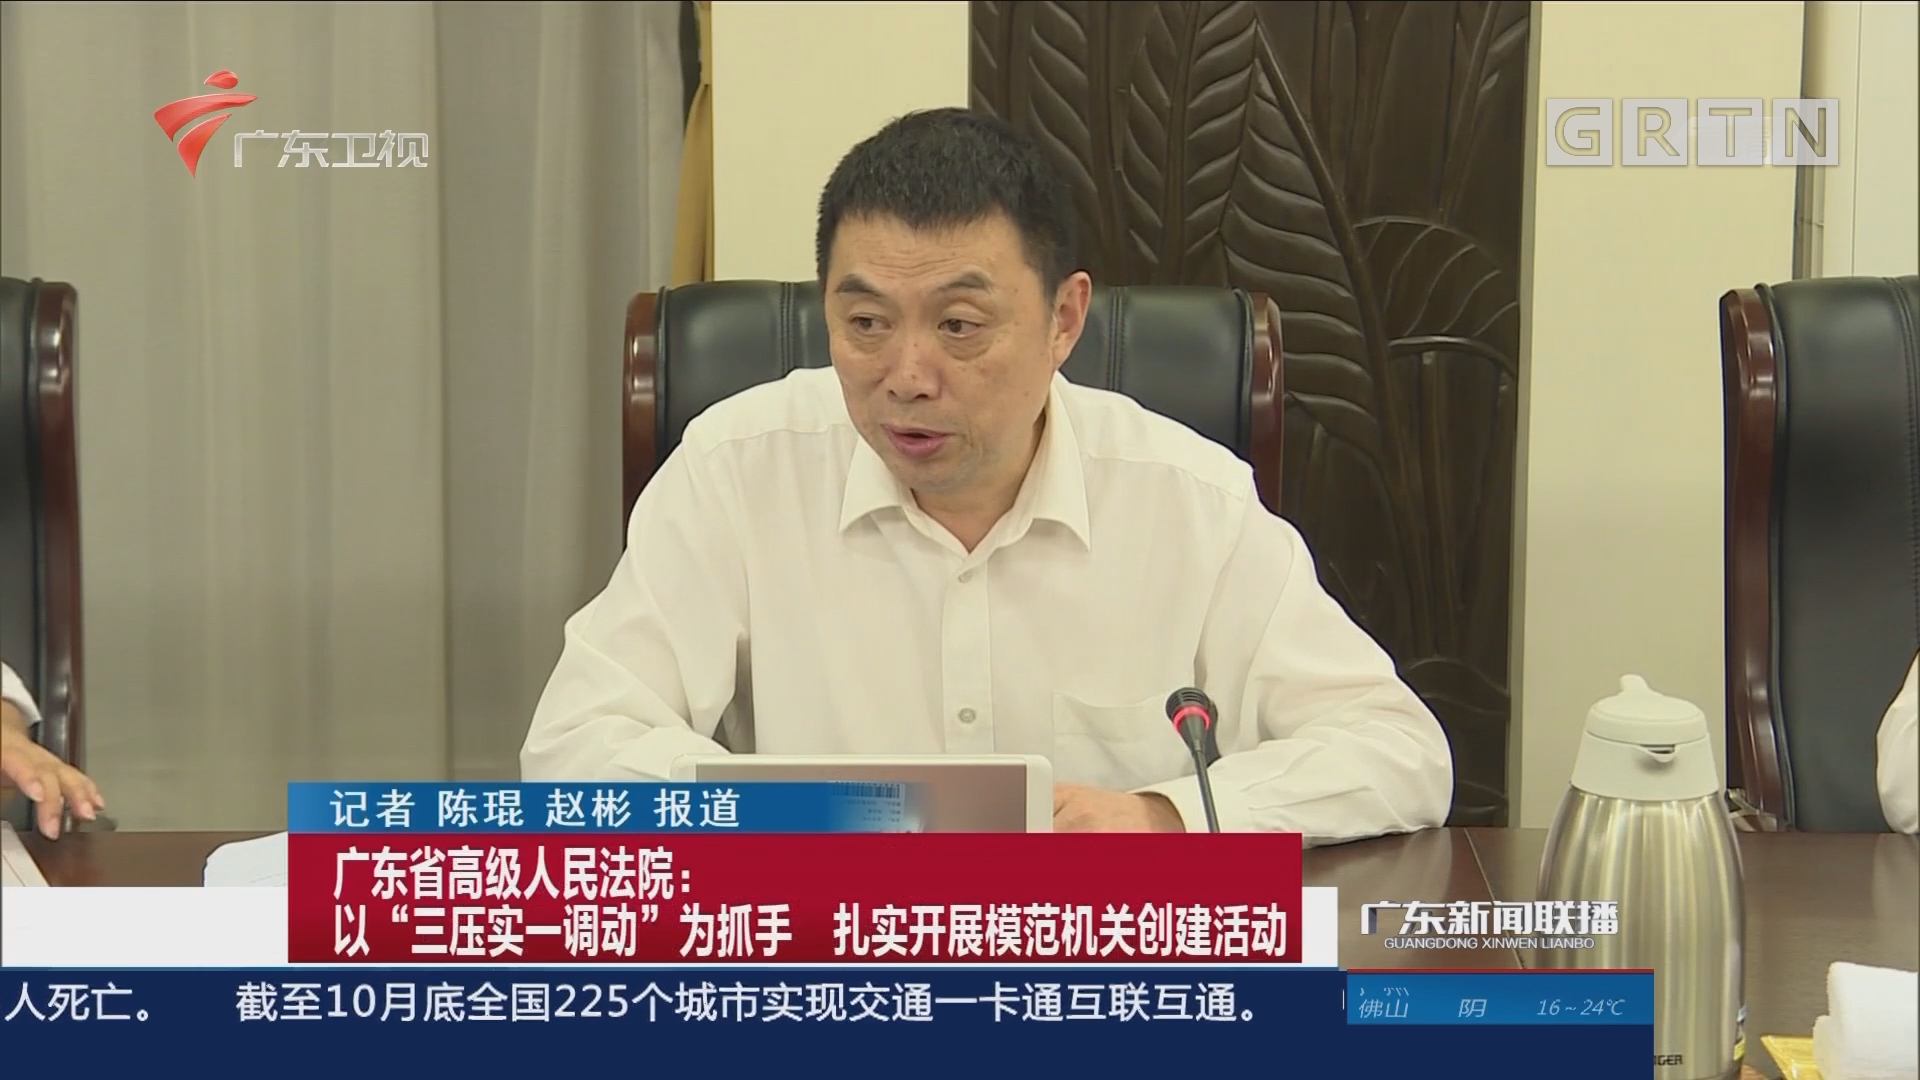 """广东省高级人民法院:以""""三压实一调动""""为抓手 扎实开展模范机关创建活动"""